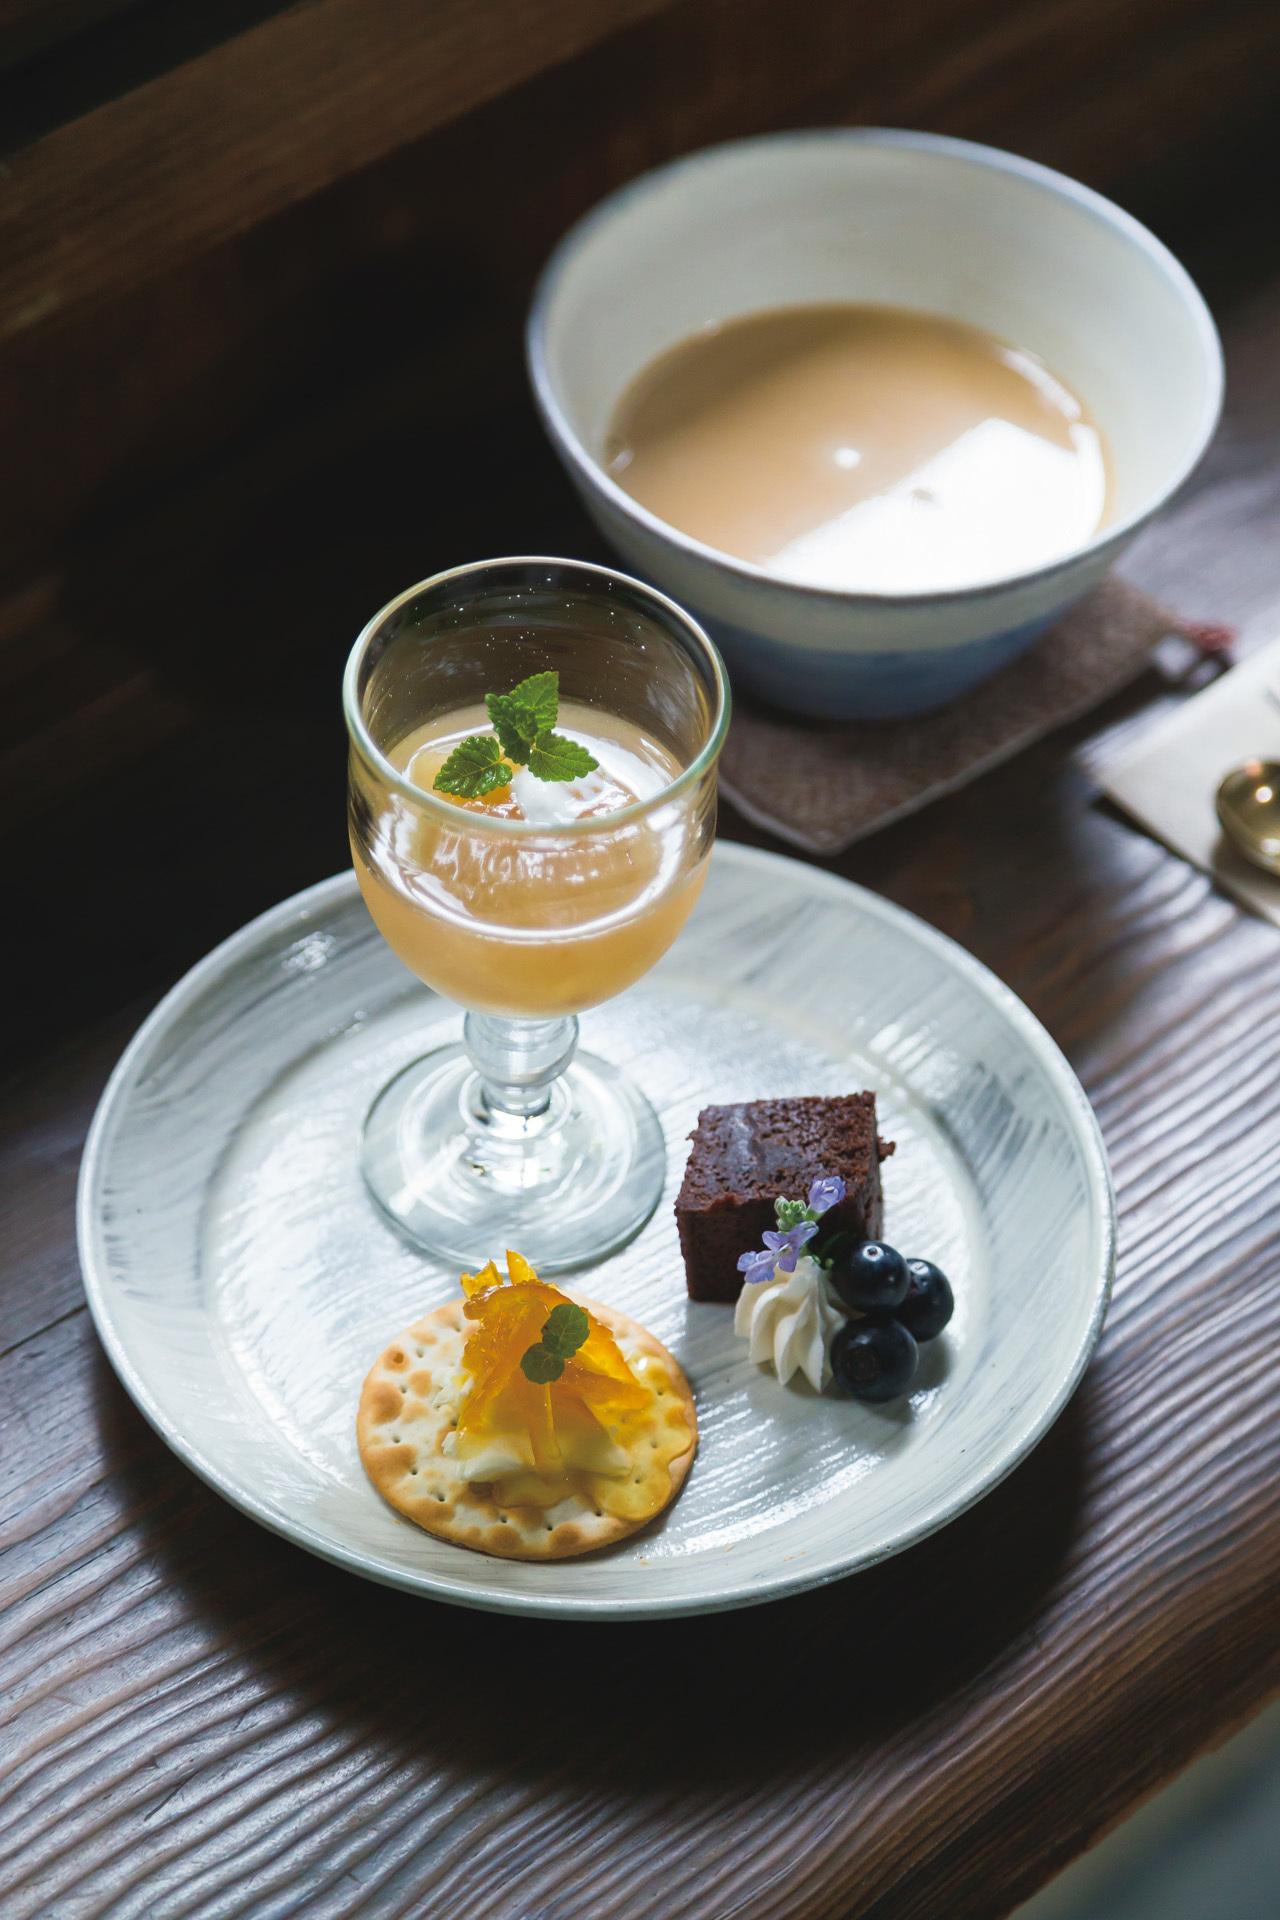 奈良散策途中に立ち寄りたい、大正期の趣漂う喫茶室 工場跡事務室_1_1